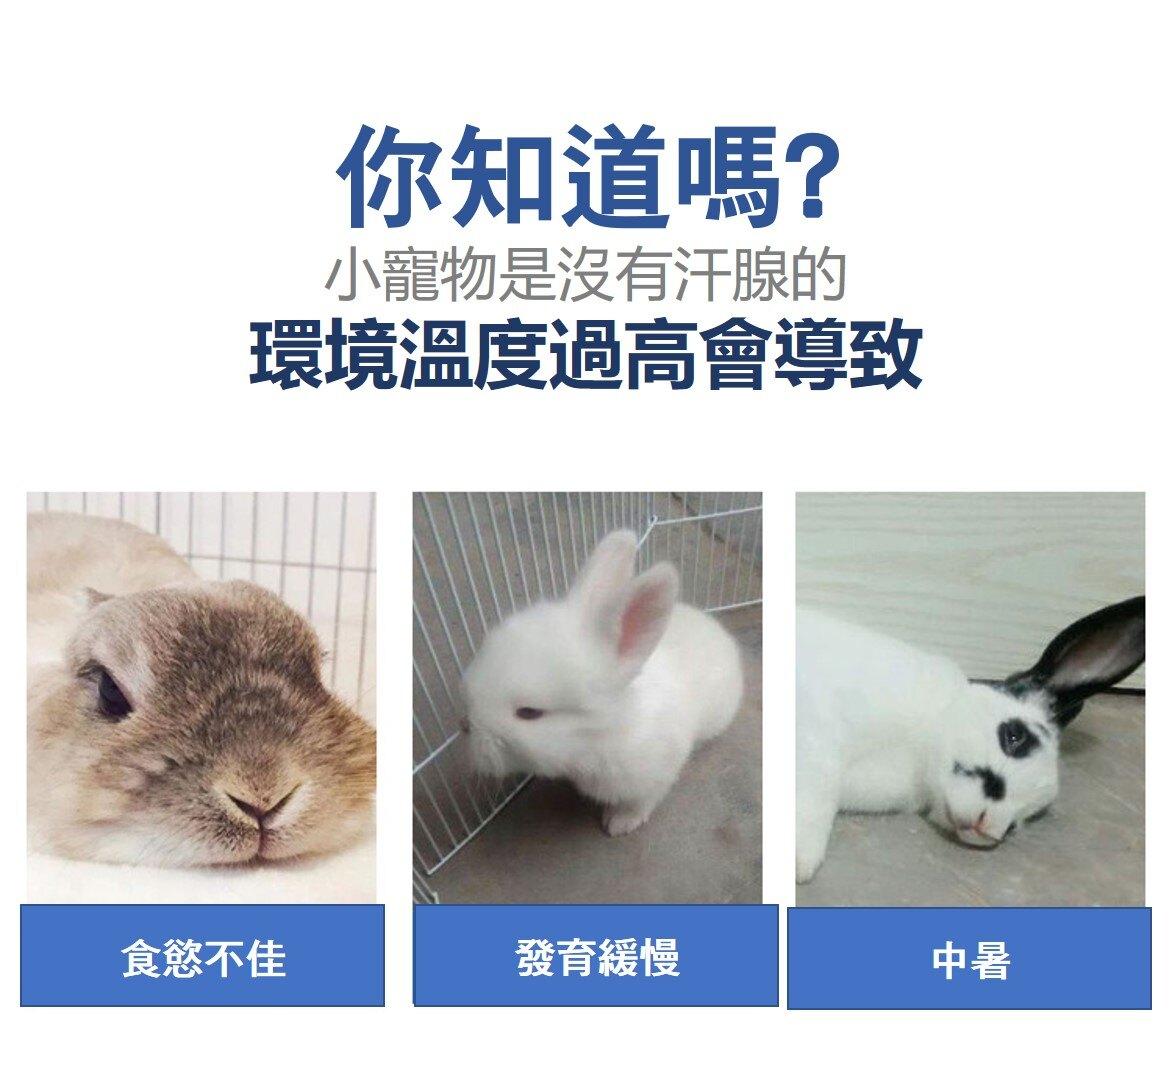 兔子涼墊 天竺鼠涼墊 刺蝟涼墊 寵物散熱板